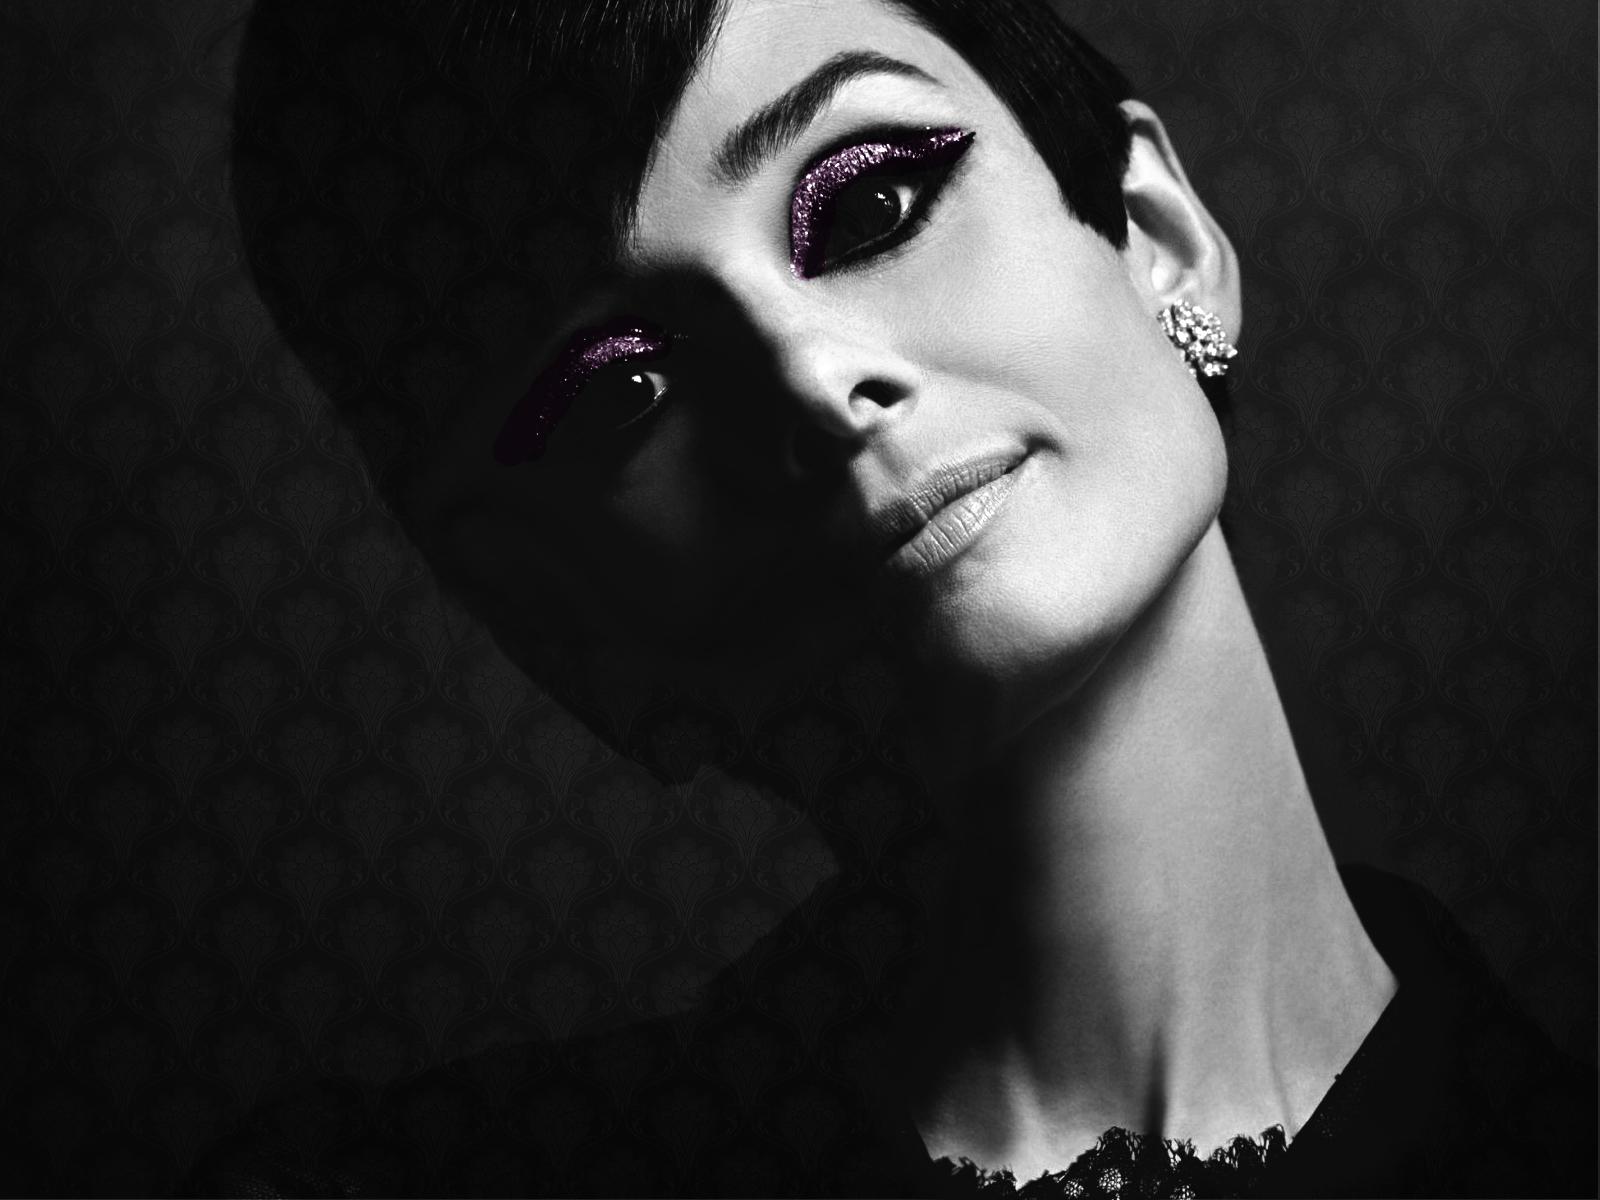 audrey   Audrey Hepburn Wallpaper 8870761 1600x1200